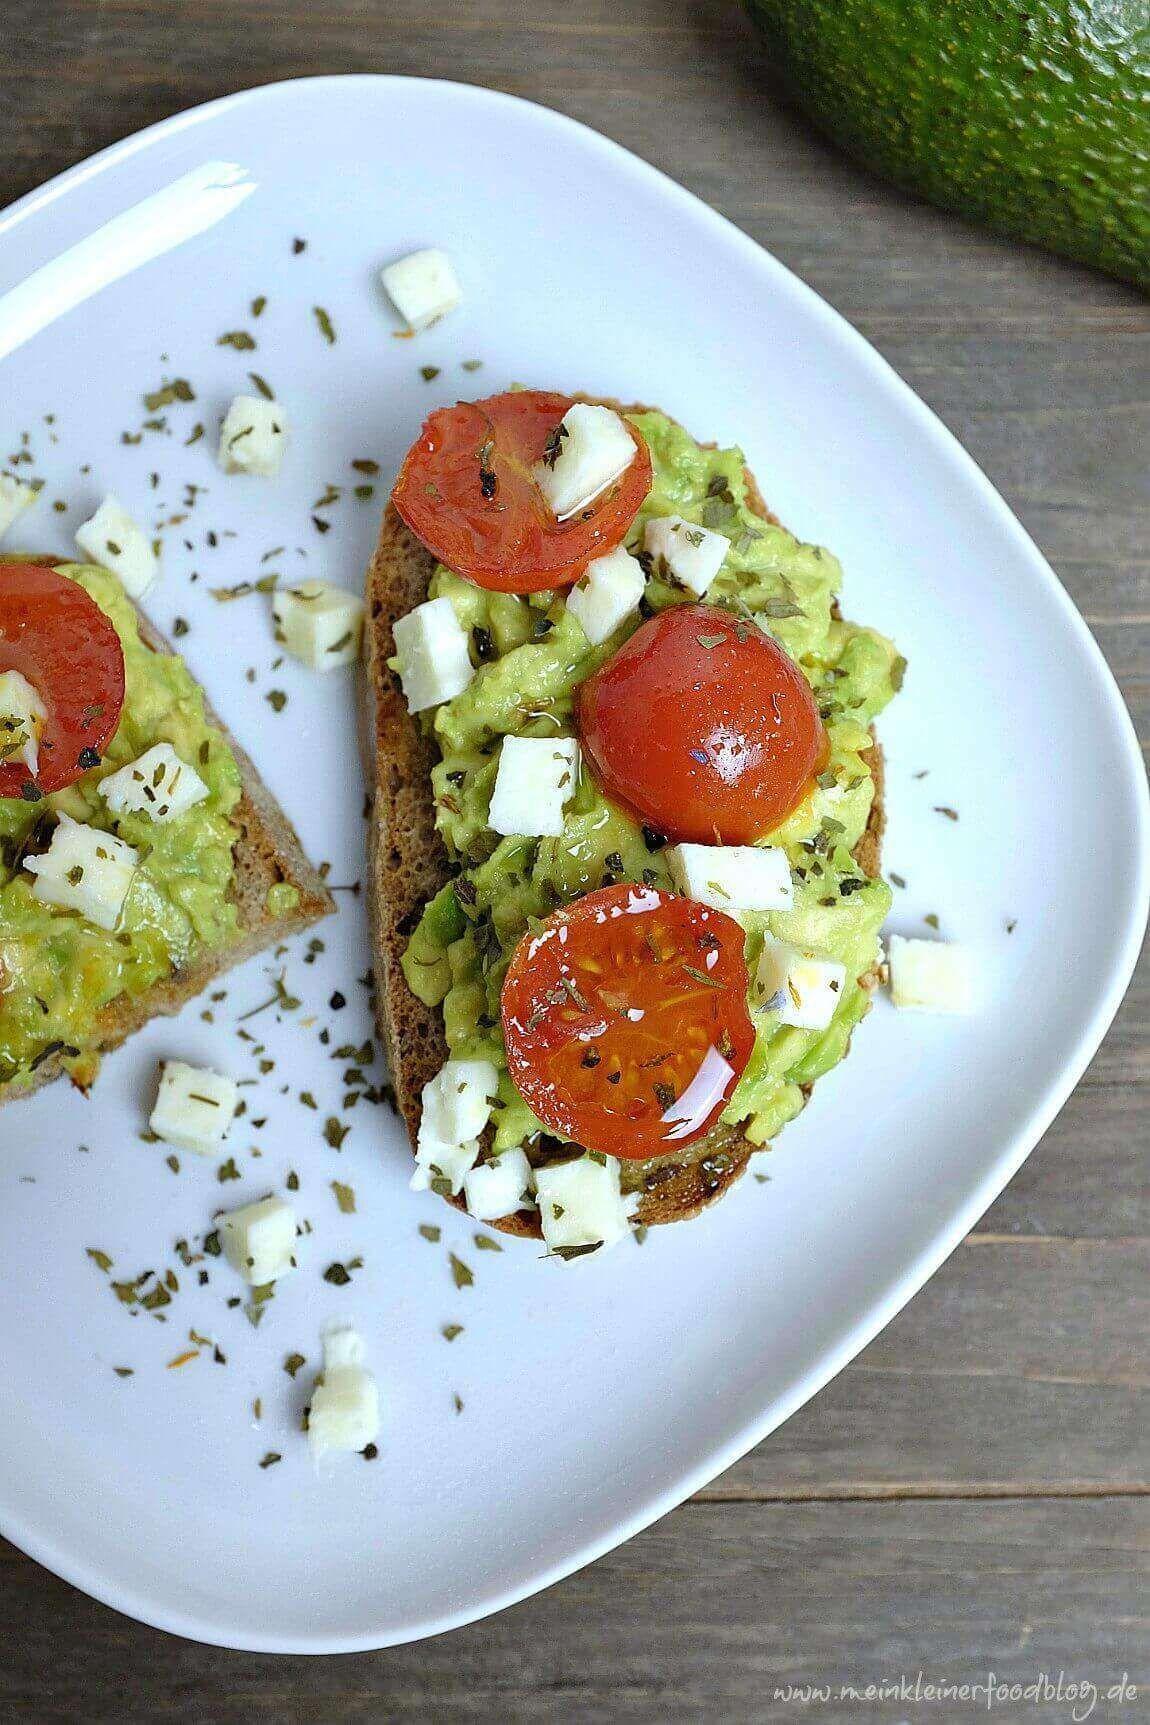 Avocado Bruschetta deluxe - Schnelle Rezepte aus meiner Küche -  Dieses Avocado Bruschetta schmeck